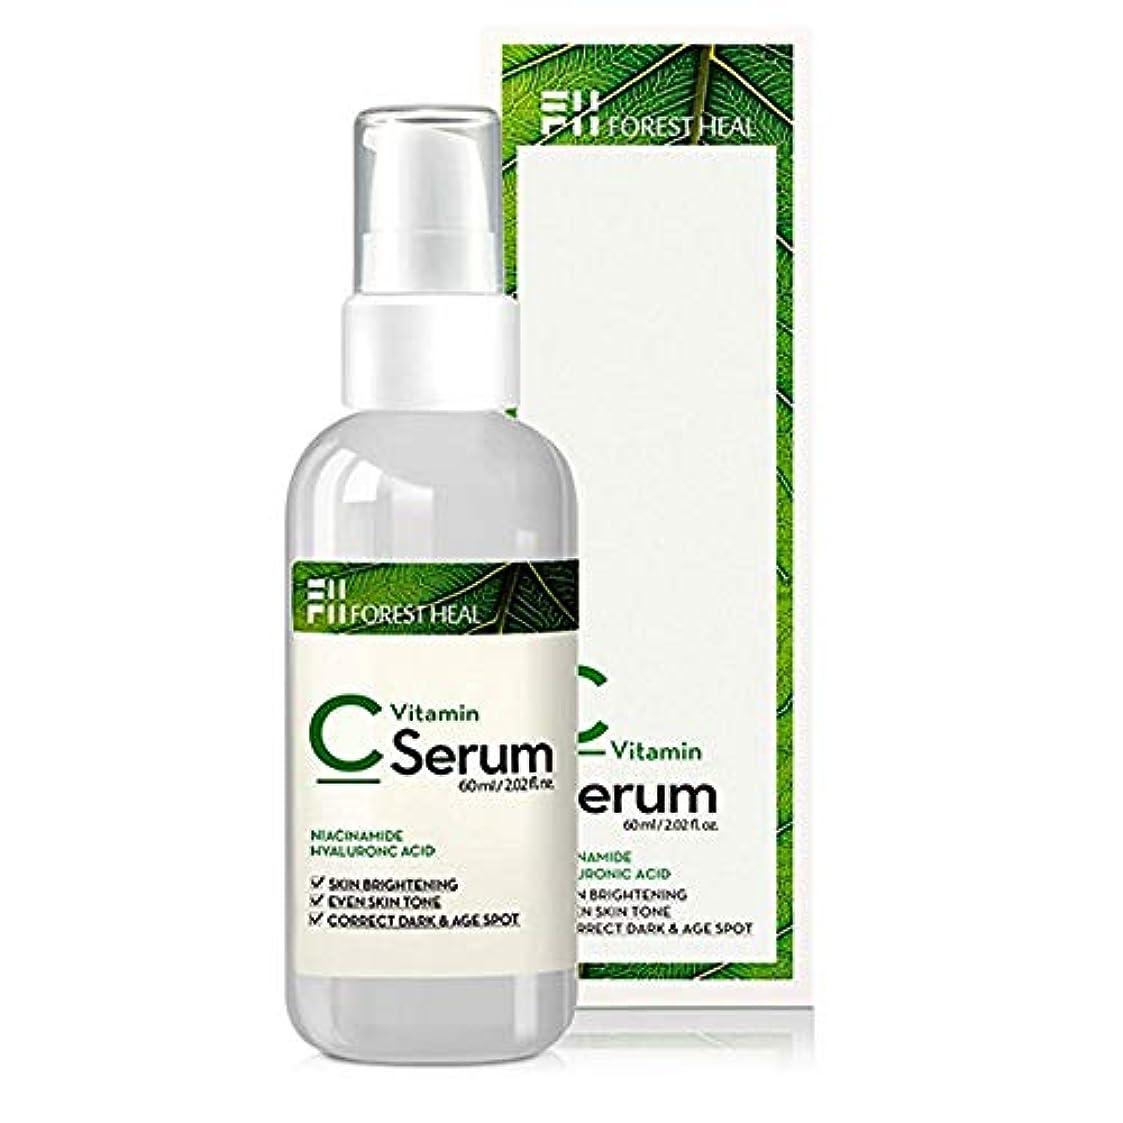 持つ証言する解釈フォレストヒール Cセラム FOREST HEAL VITAMIN C Serum オーガニック ビタミンセラム ビタミン美容液 肌トラブル改善 敏感肌 トラブル肌 ツヤ肌 すべすべ肌 透明感 美白 セラム 美容液